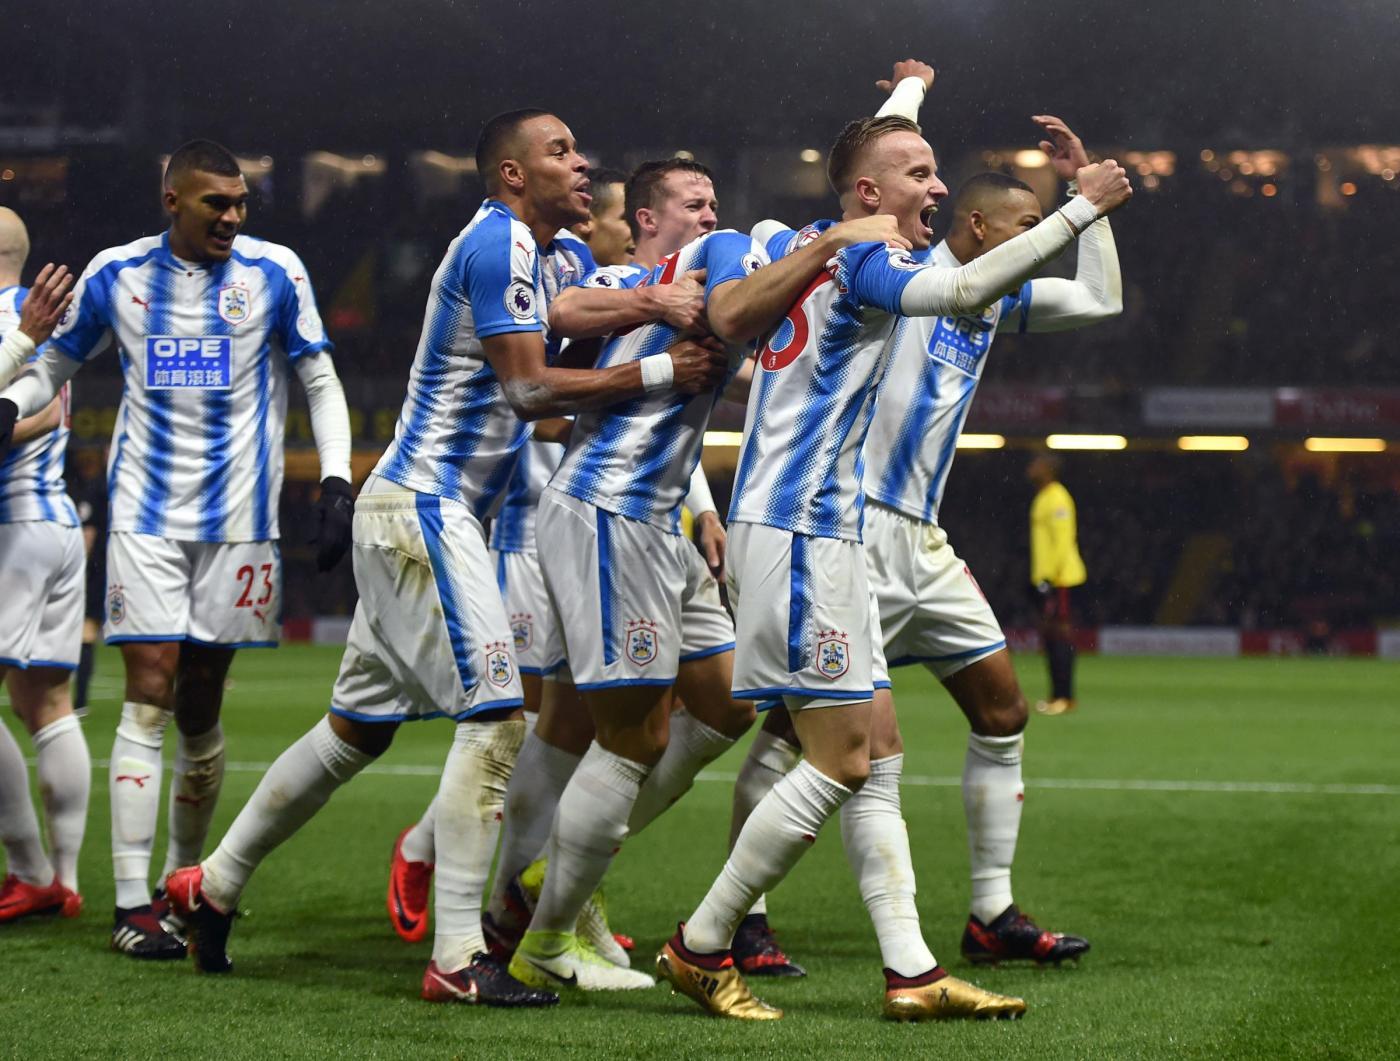 Championship, Huddersfield-Bristol City pronostico: come finirà?